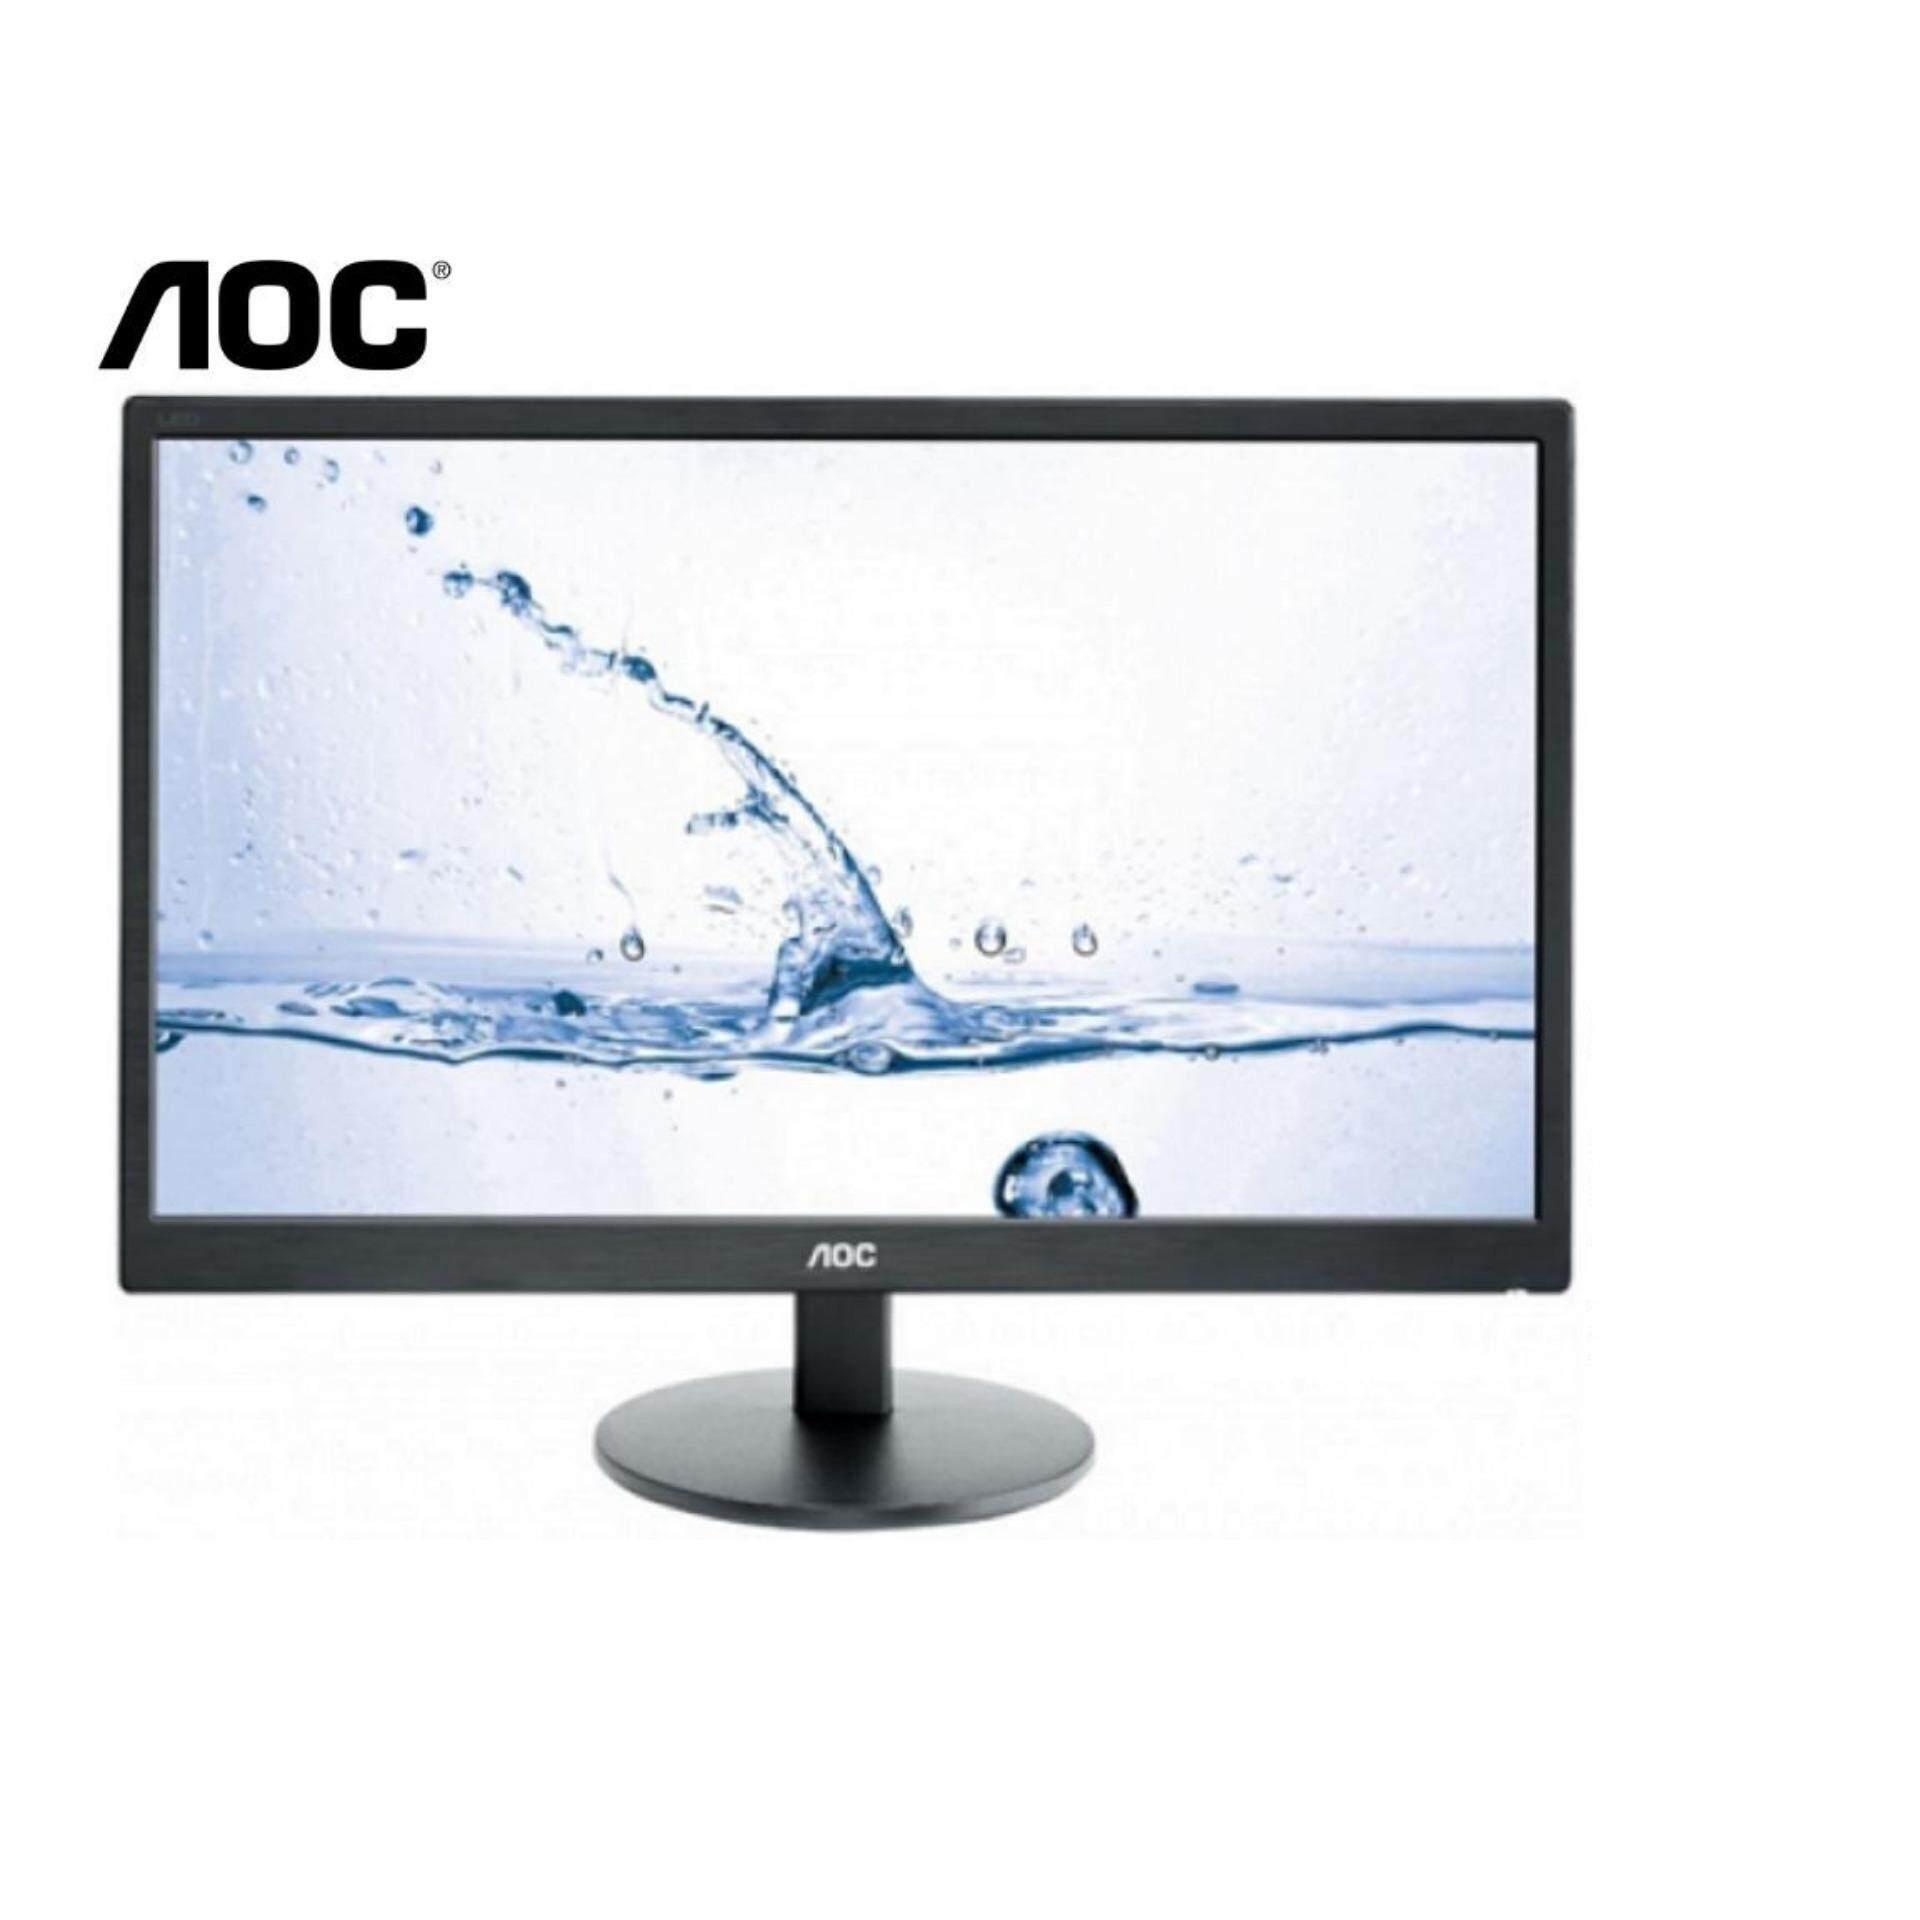 AOC M2470SWH WLED 23.6 Full HD Monitor Malaysia